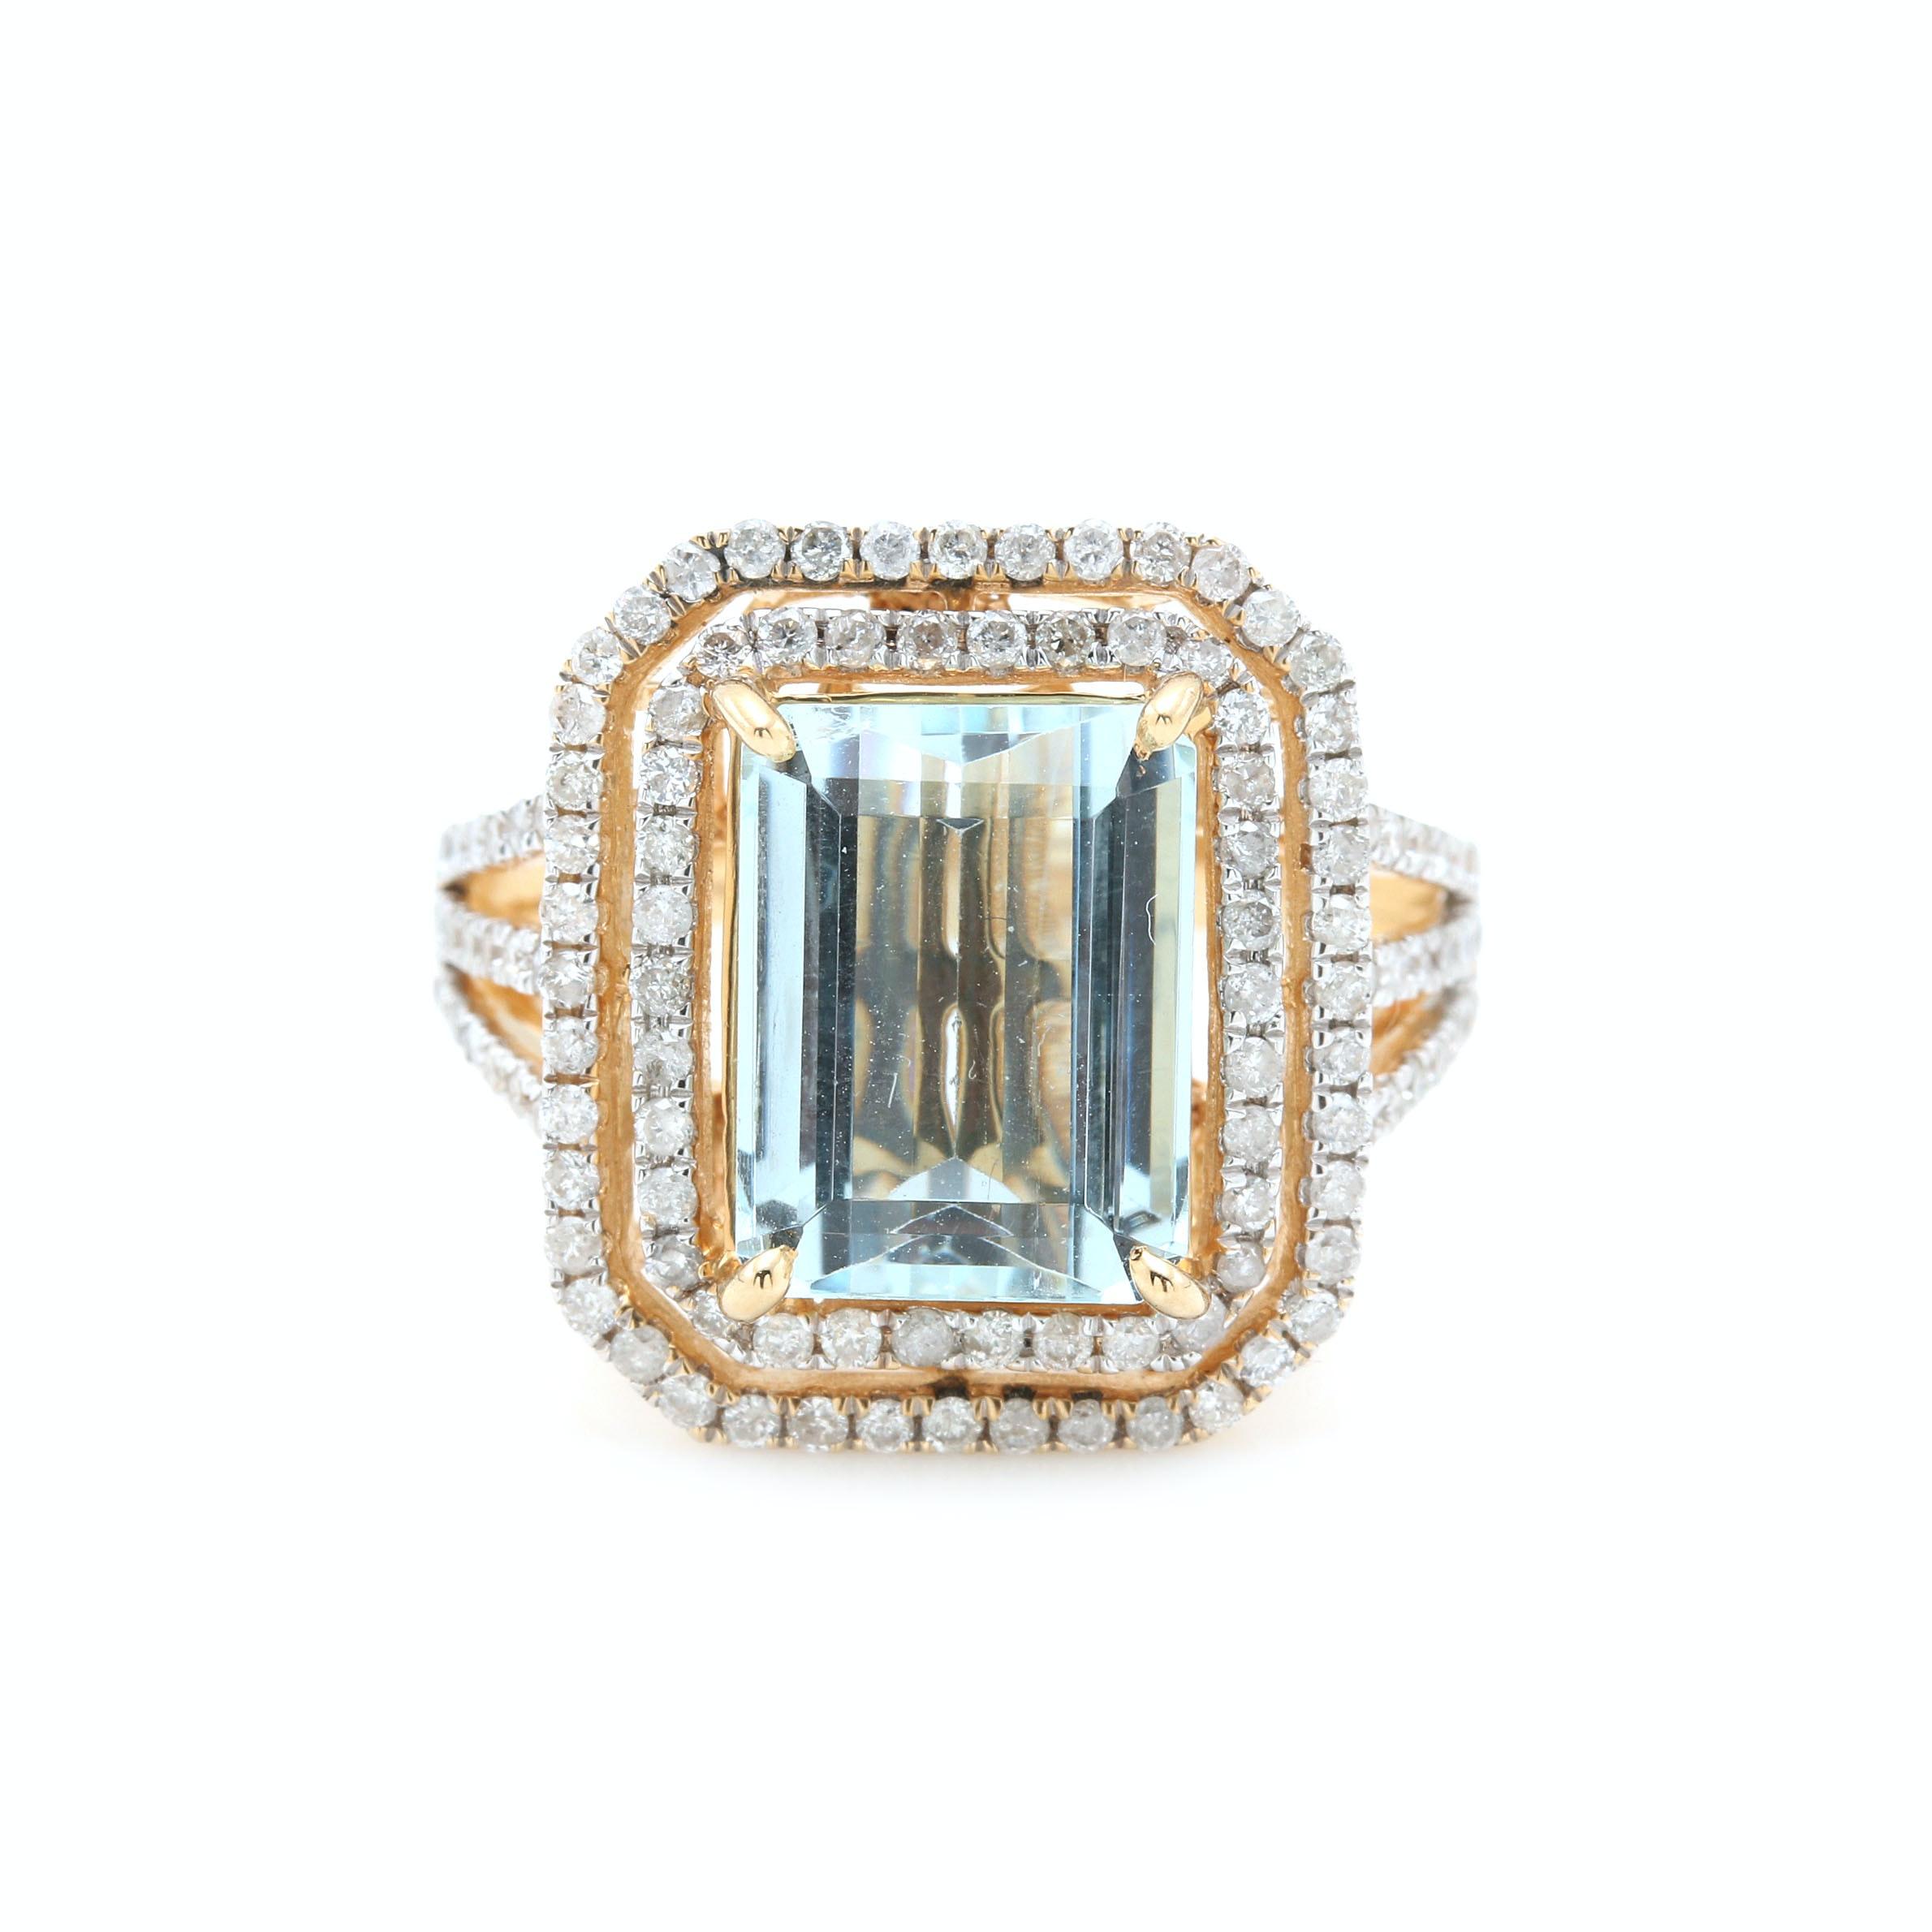 14K Yellow Gold Diamond and 3.88 CT Aquamarine Ring